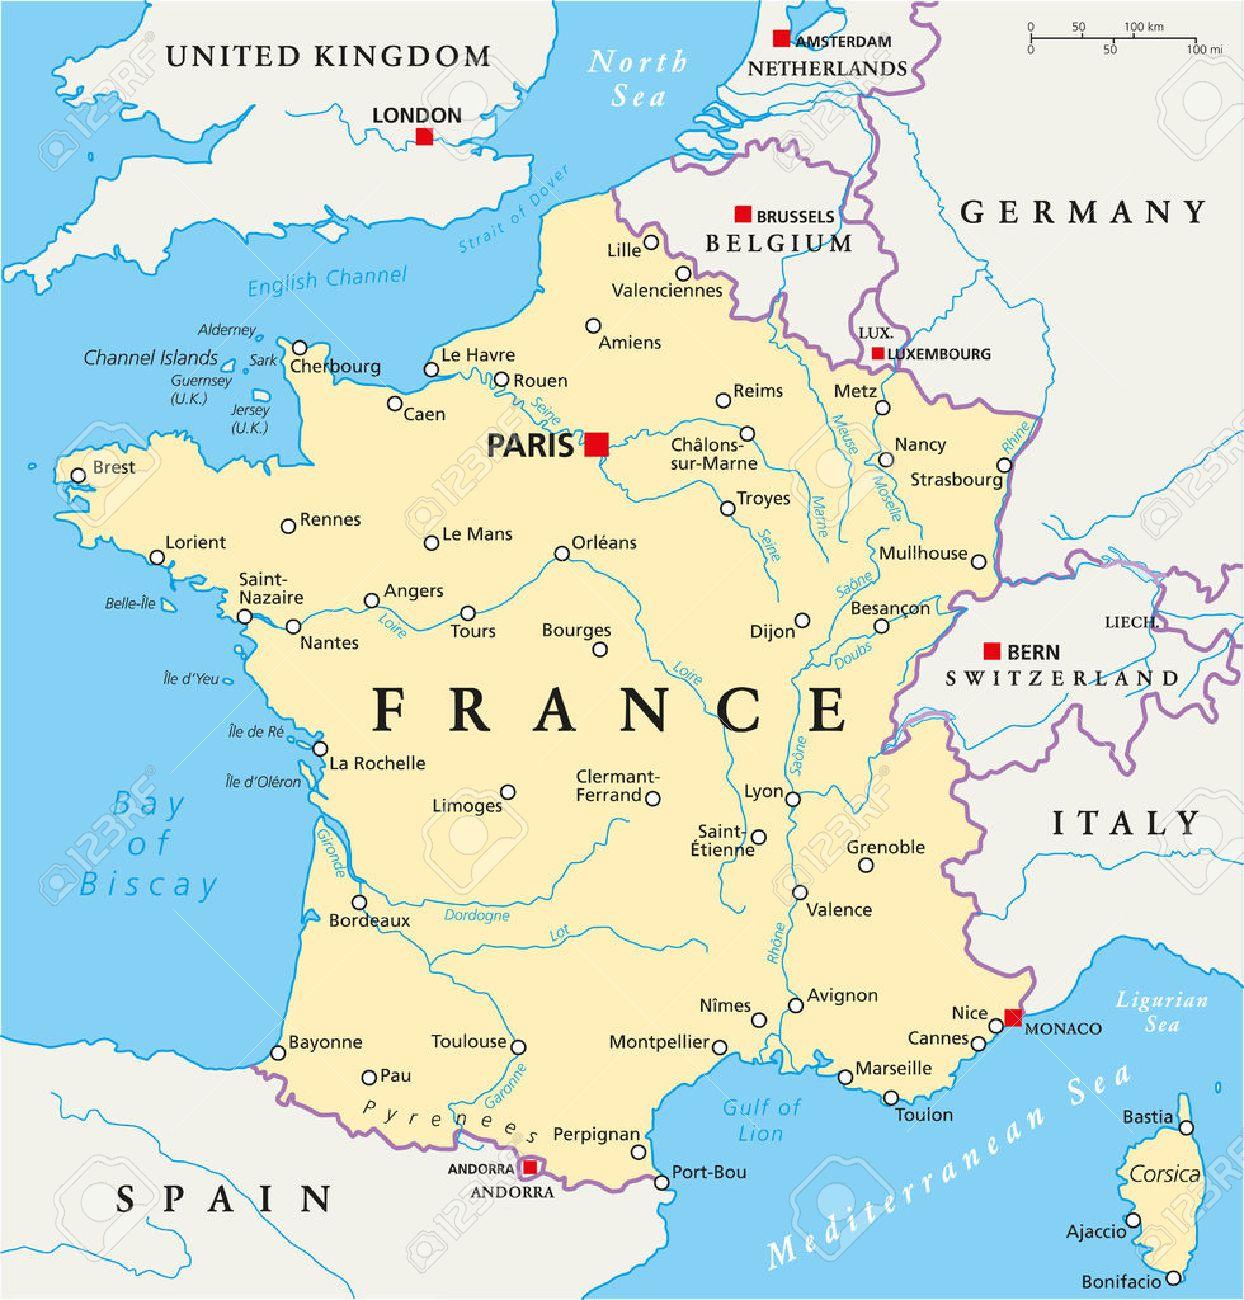 Mapa De Francia Ciudades.Francia Mapa Politico Con Los Capitales De Paris De Las Fronteras Nacionales La Mayoria De Las Ciudades Y Los Rios Importantes Etiquetado Y